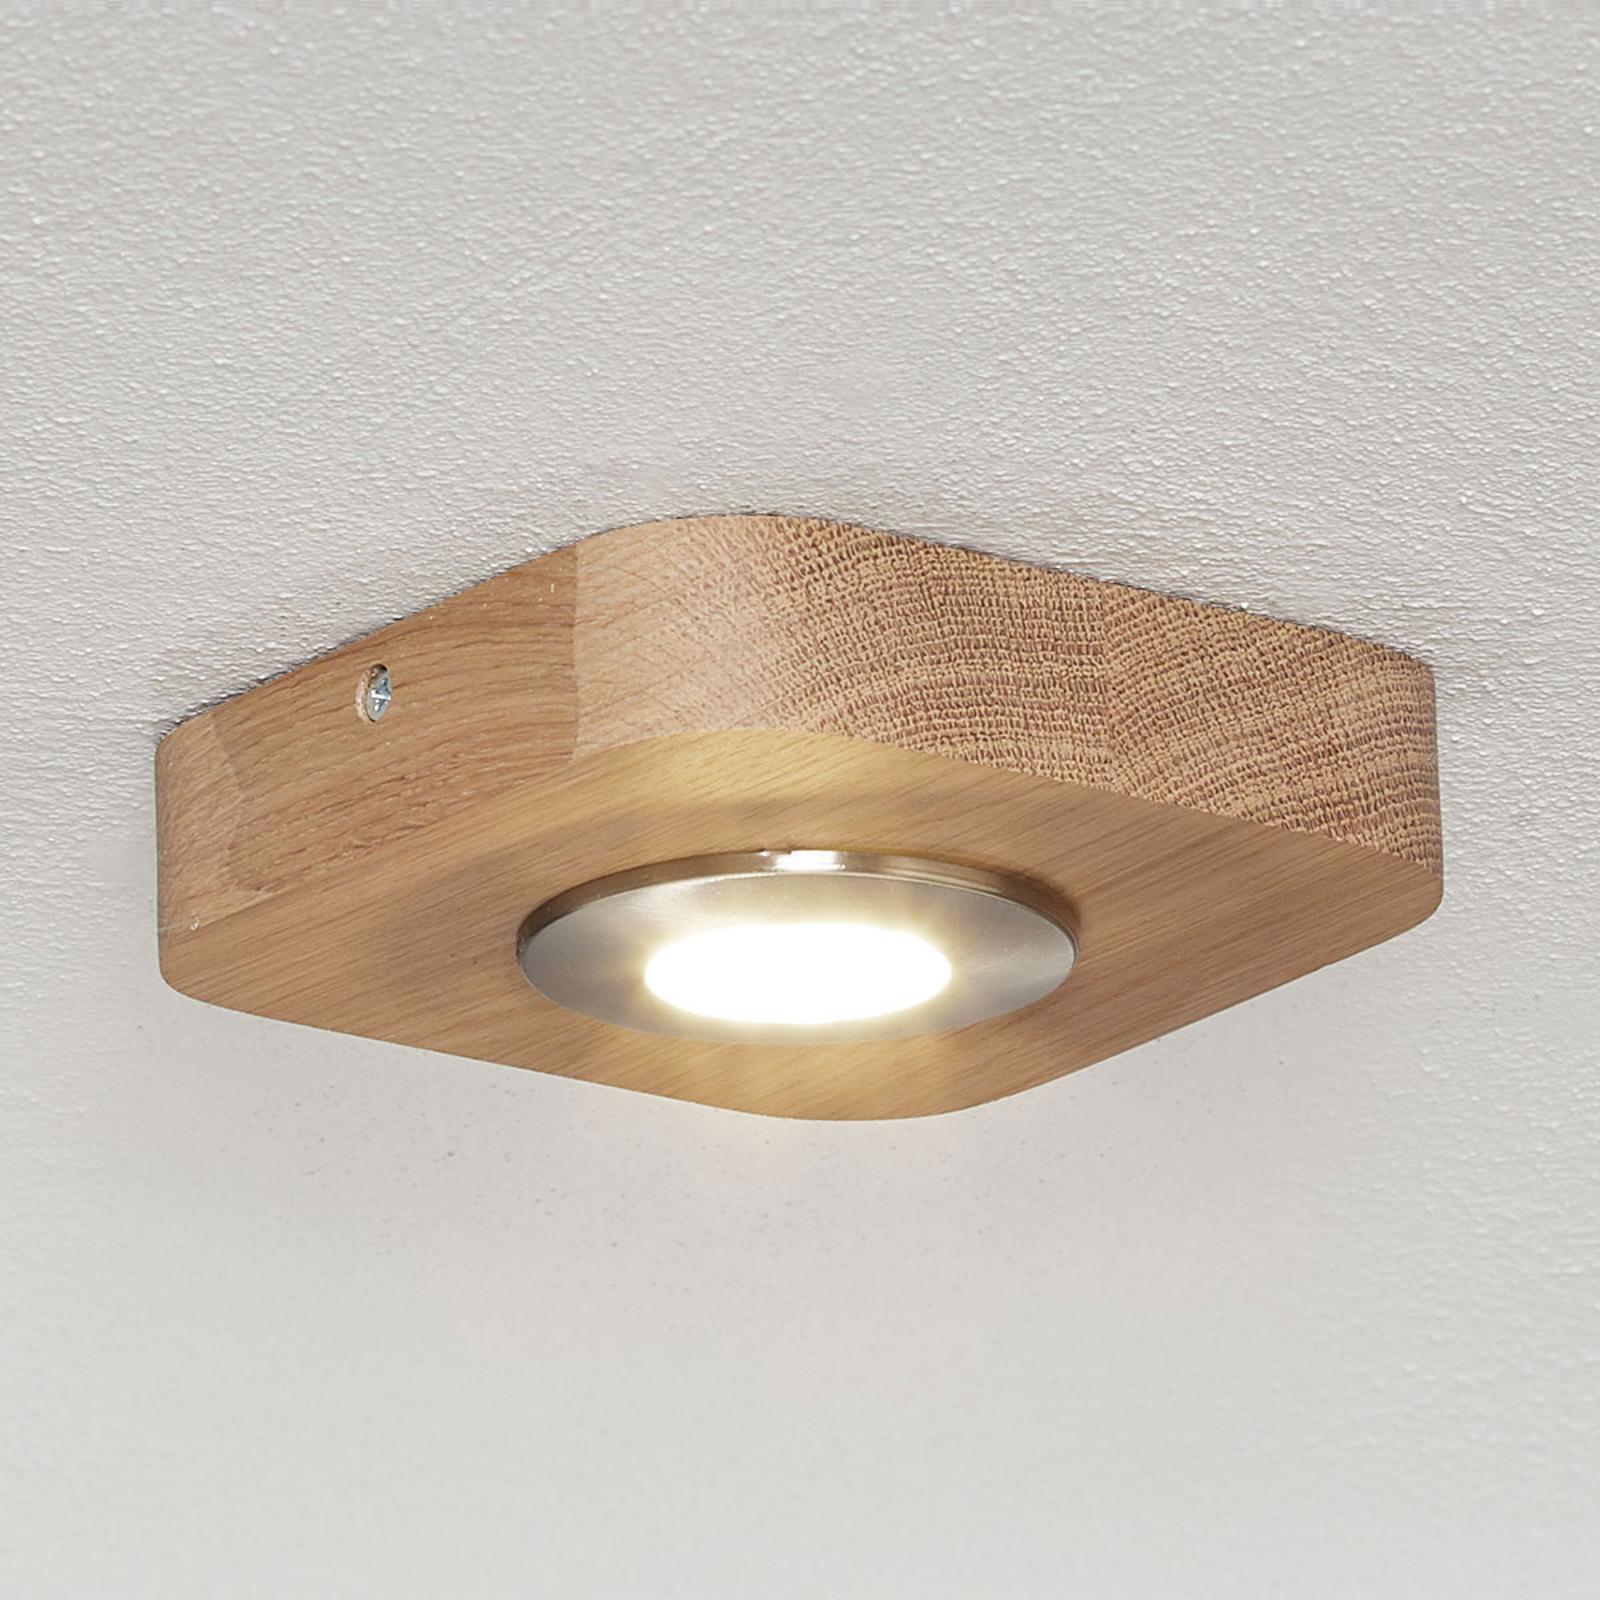 Warmweiß leuchtende LED-Deckenleuchte Sunniva